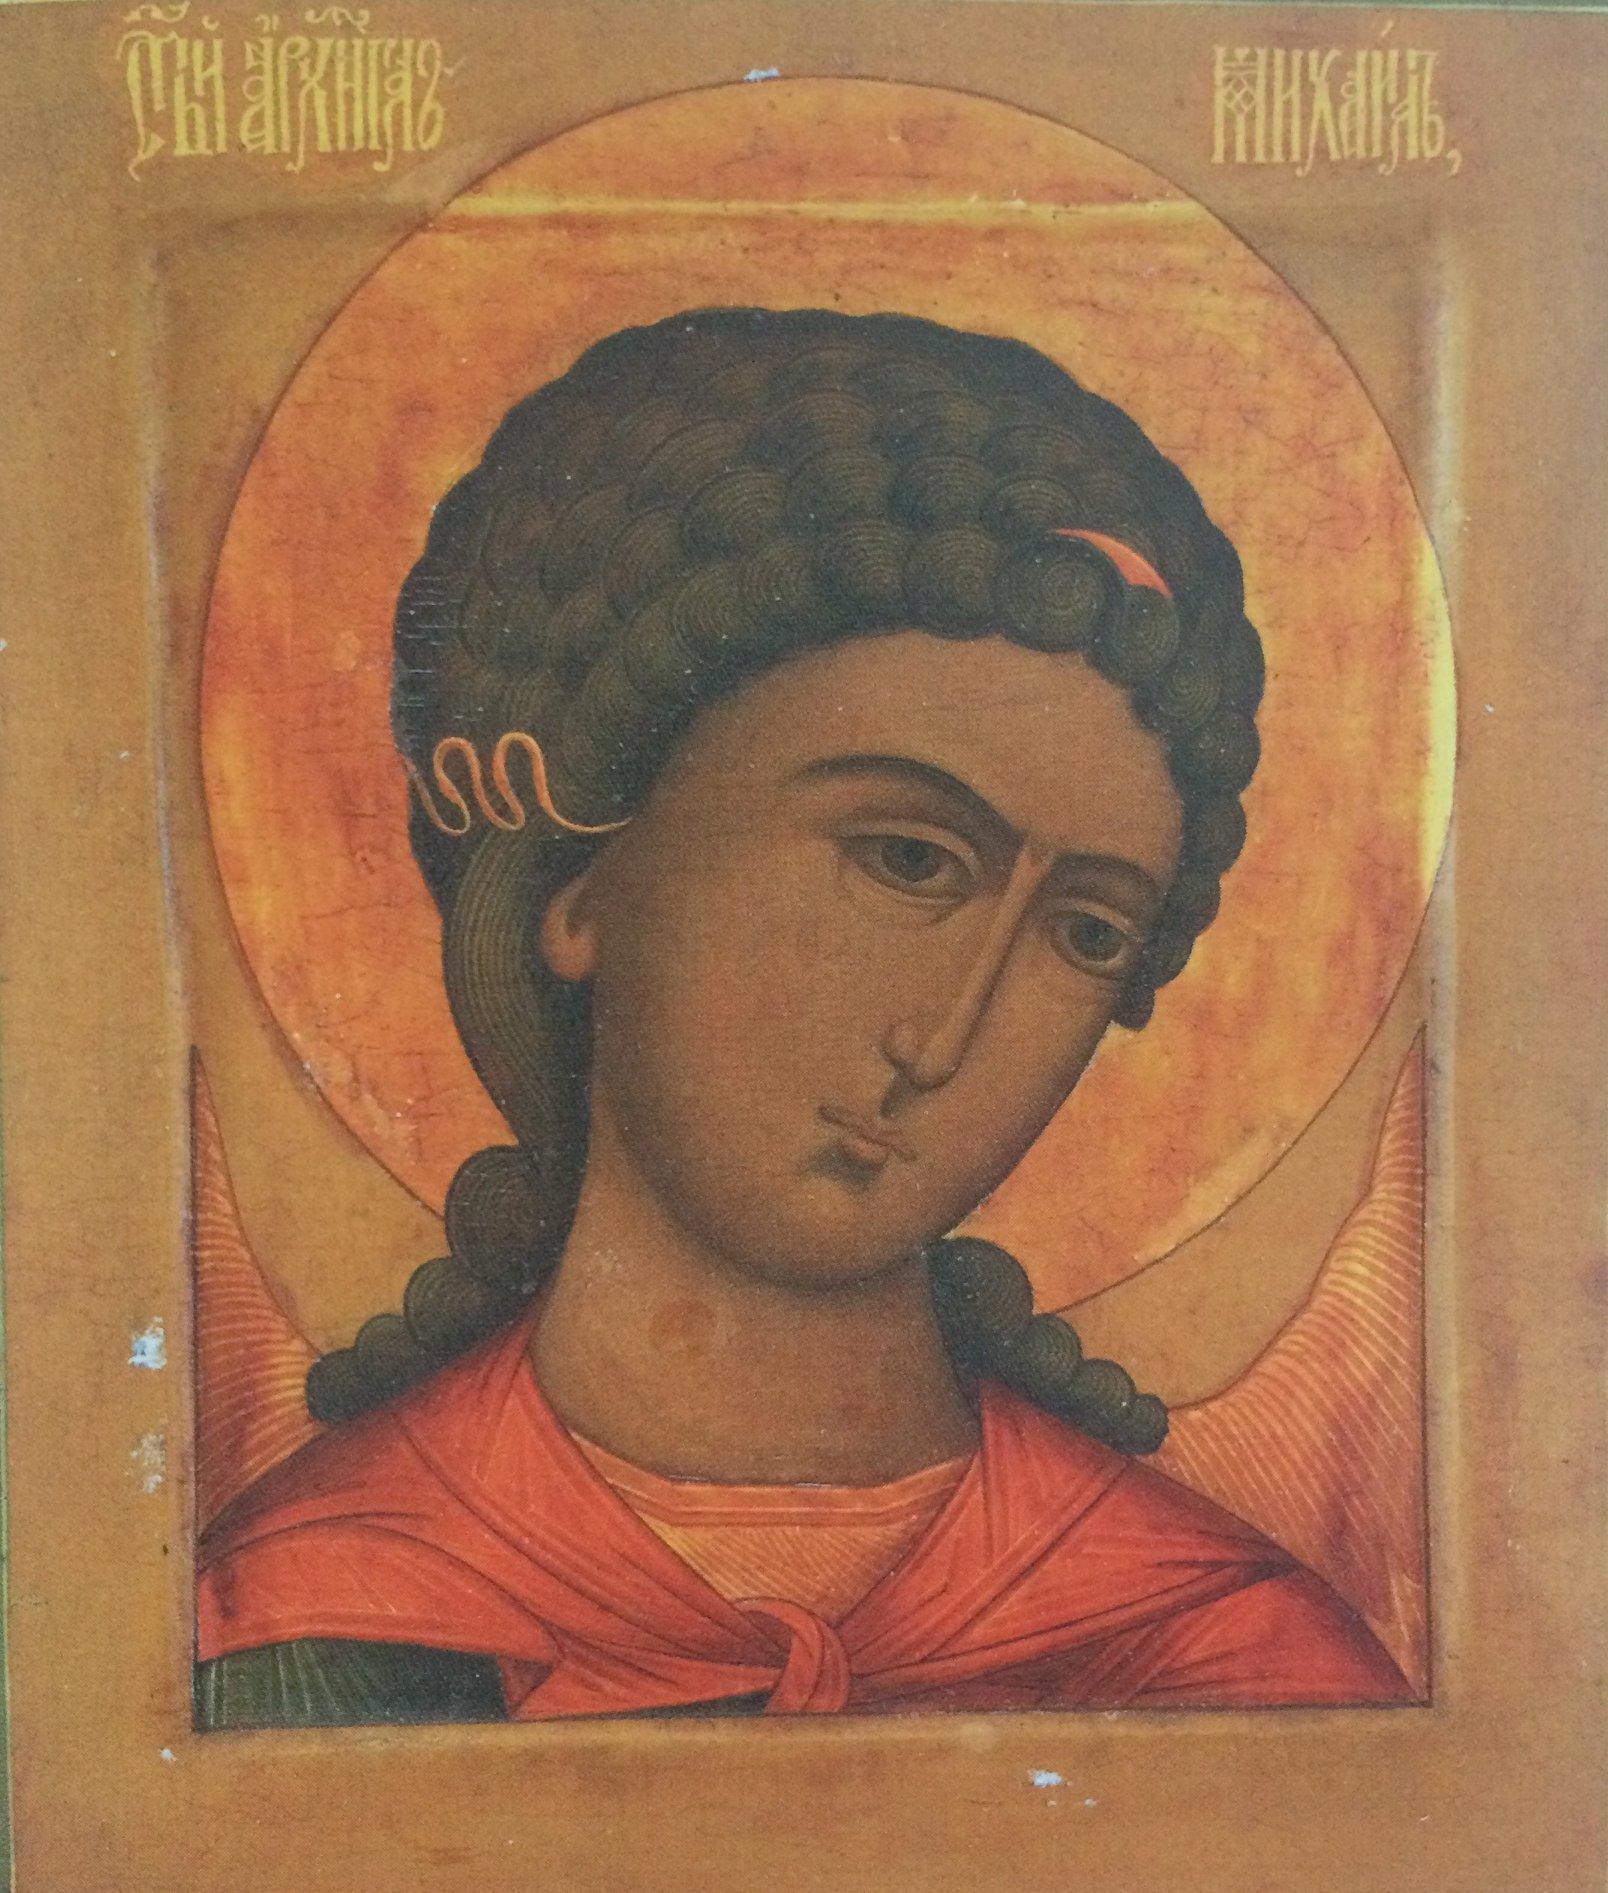 21 листопада – день Святого Архистратига Михаїла -  - 125966905 3466261000156215 6887117572347123848 o